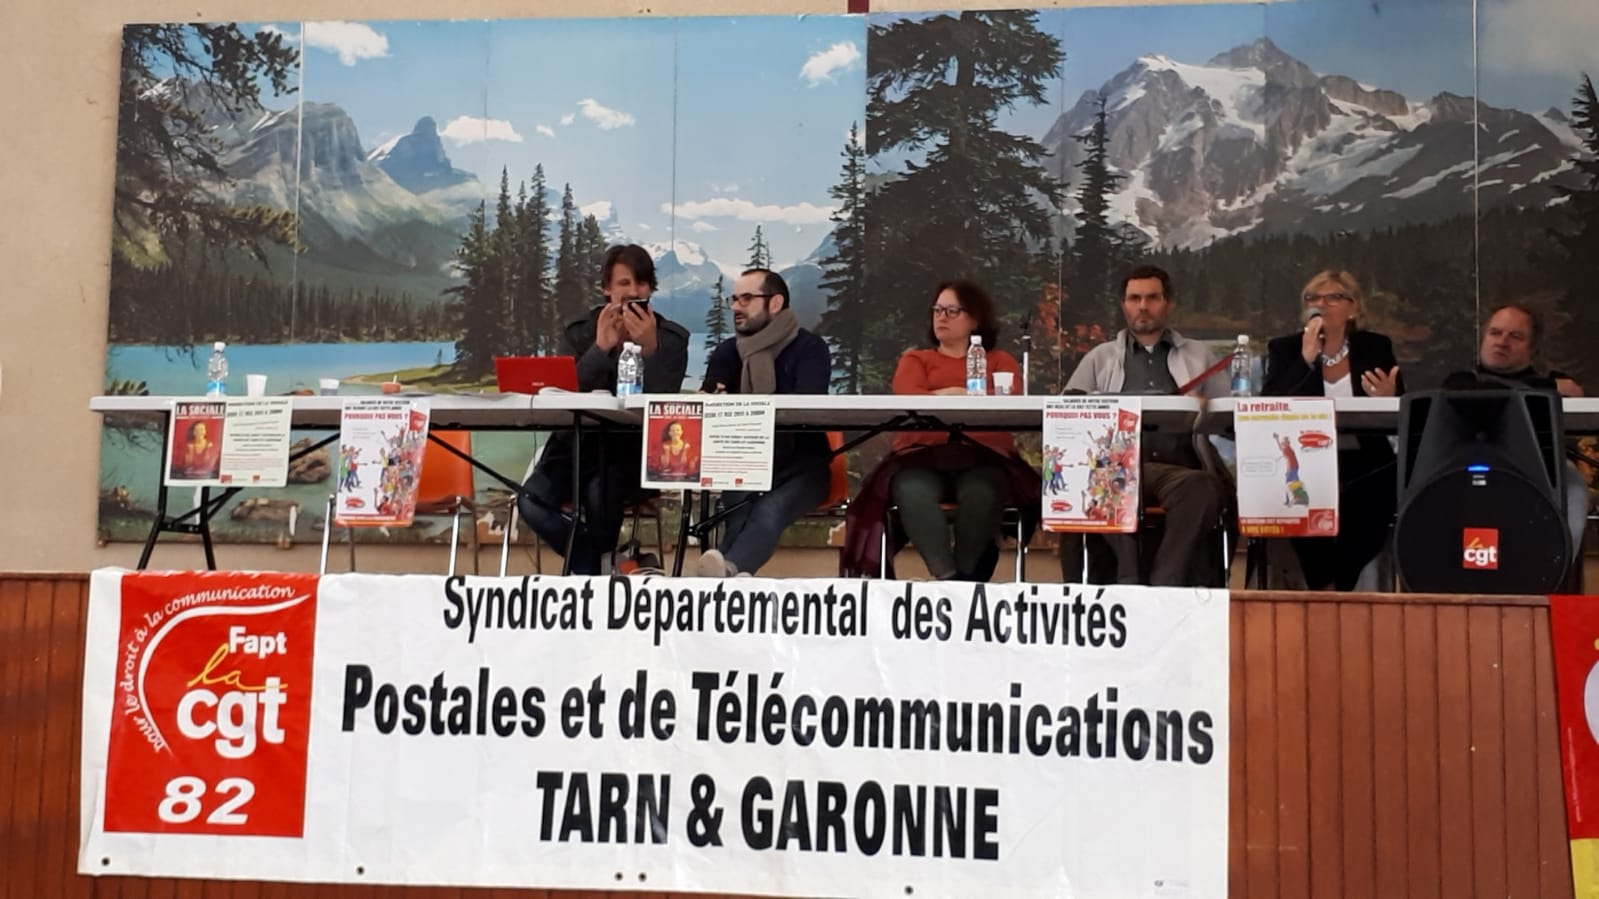 82d4543e2c4 Congrès CGT des Activités Postales et Télécommunications en Tarn et Garonne  des 18 mai et 19 mai 2018